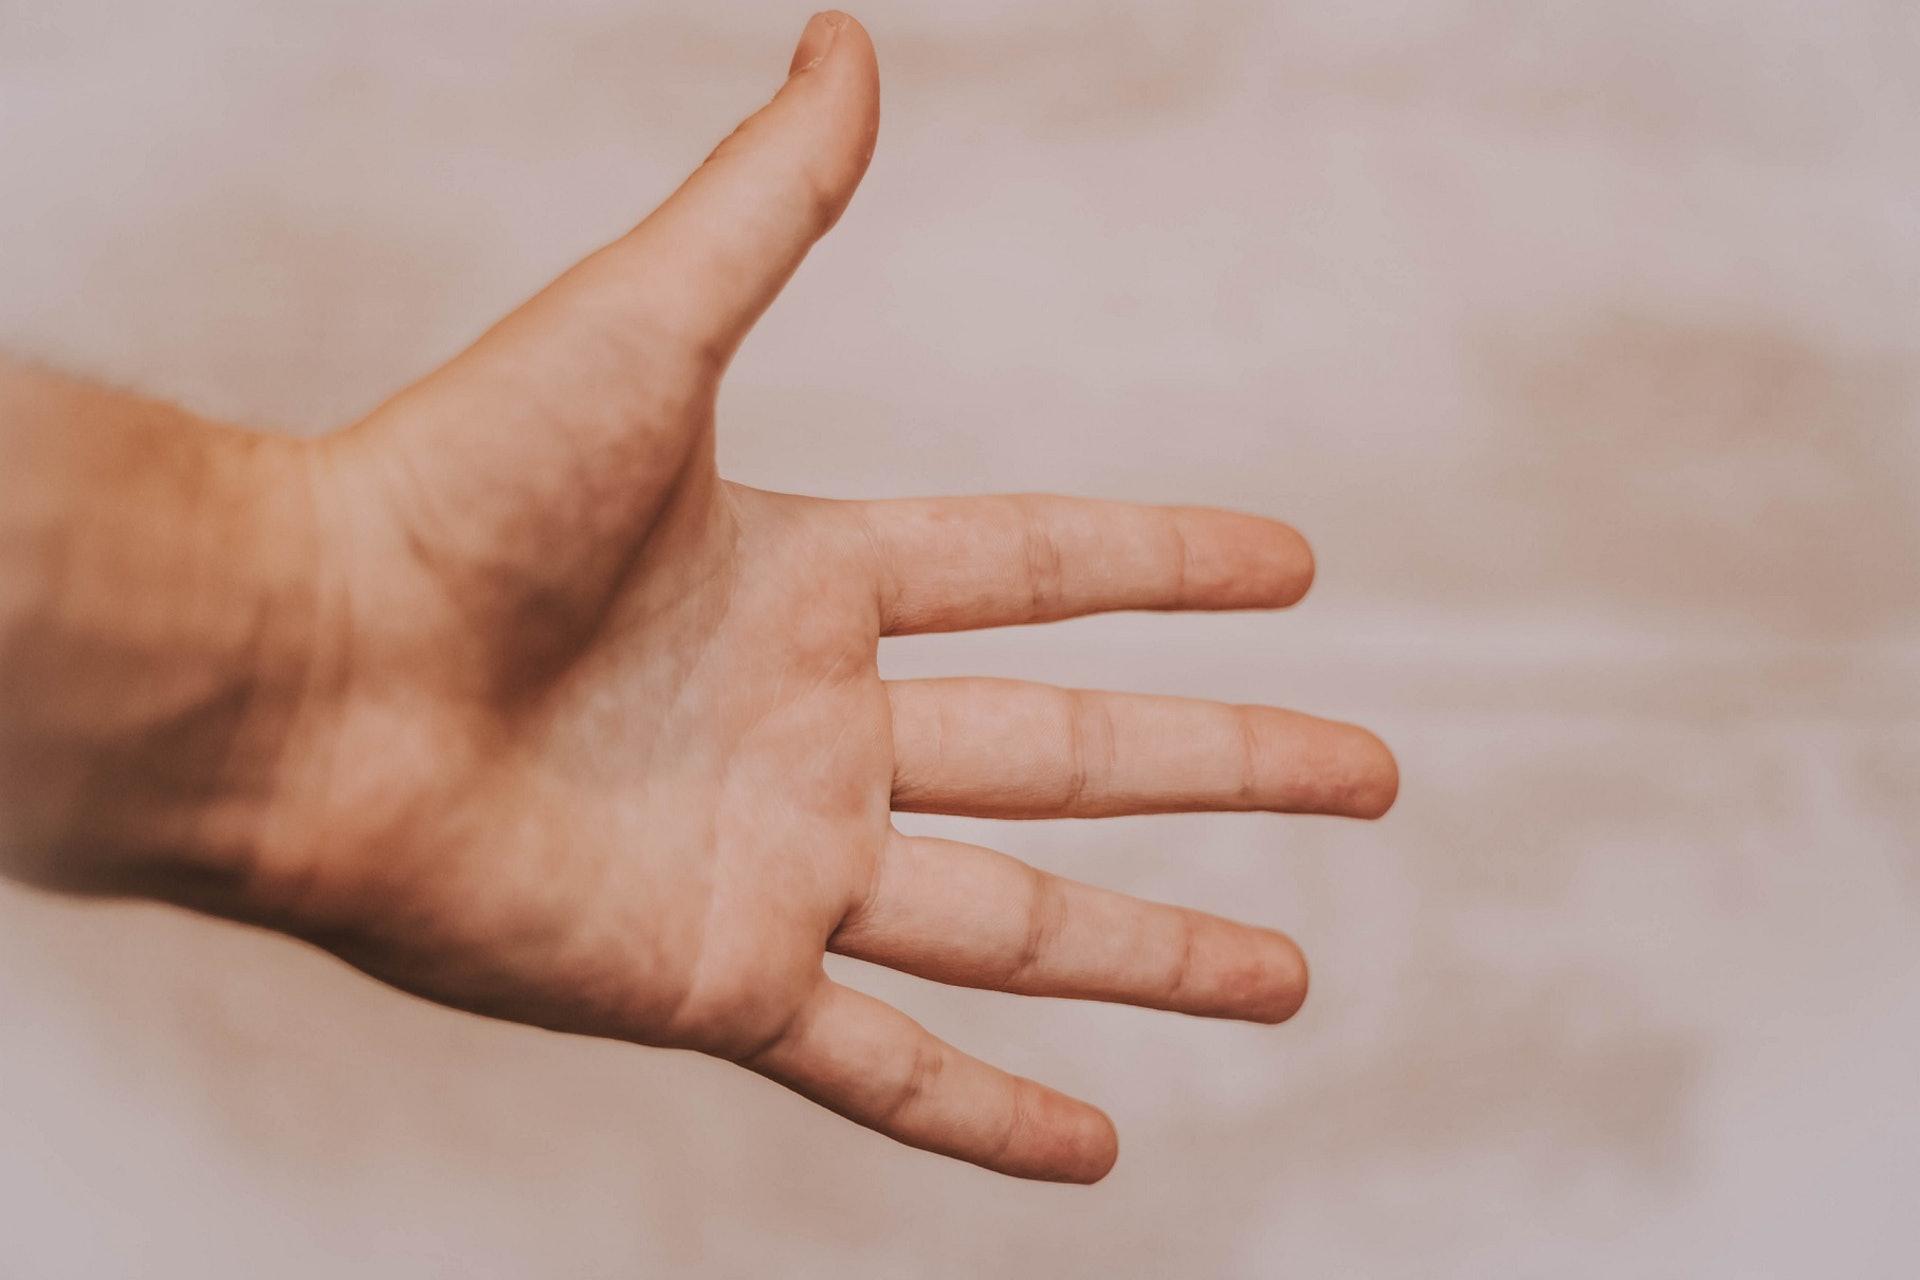 人的雙手其實分佈了不少重要經脈、穴位,適當地按壓或熱敷可以養生。(Mat Reding/unsplash)